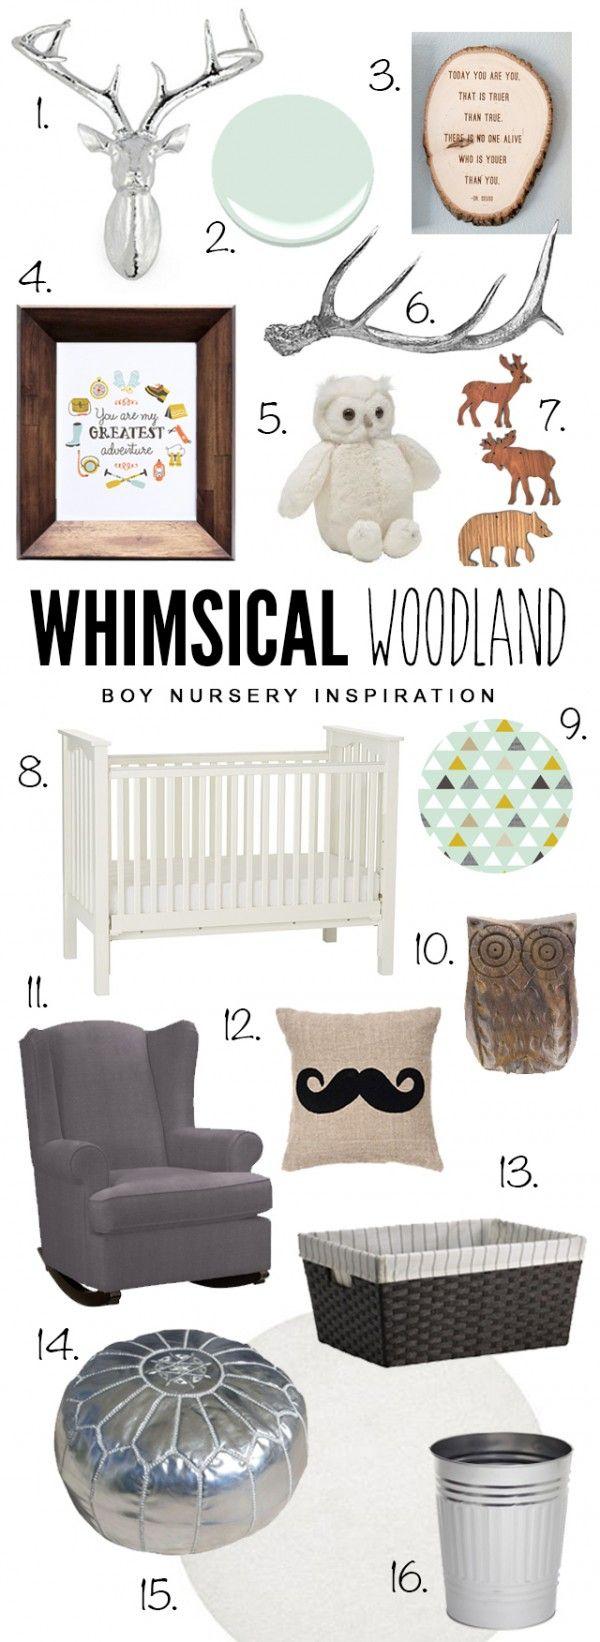 Whimsical Woodland Nursery Design   www.simplystewarts.com